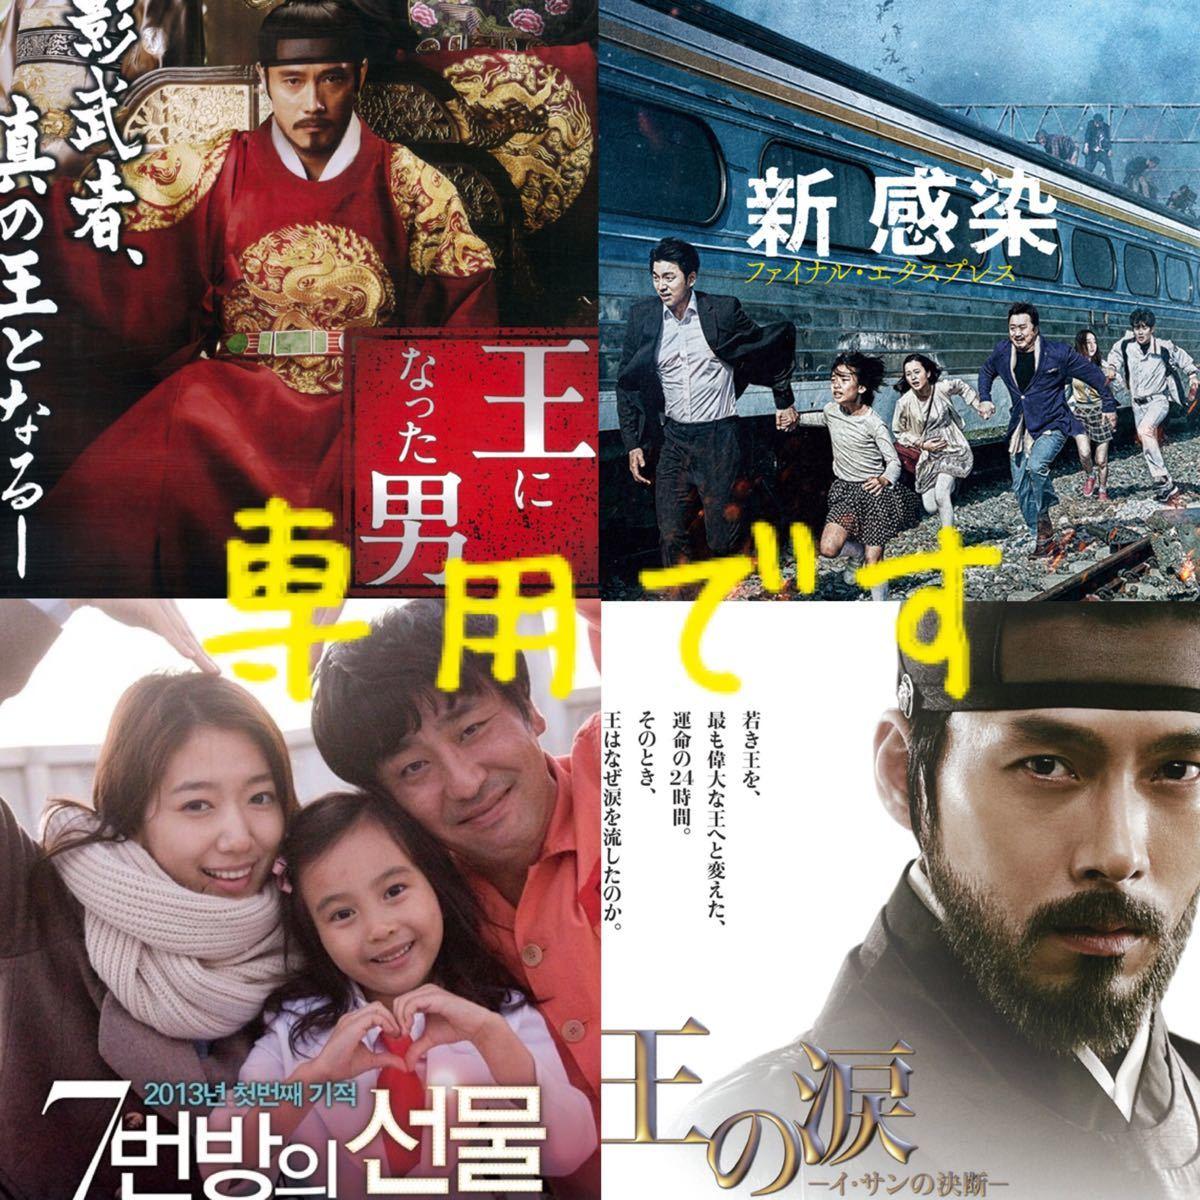 専用です。韓国映画  DVD  3点セット+選べるおまけ1枚  合計4枚  レーベル有り 入替可能です